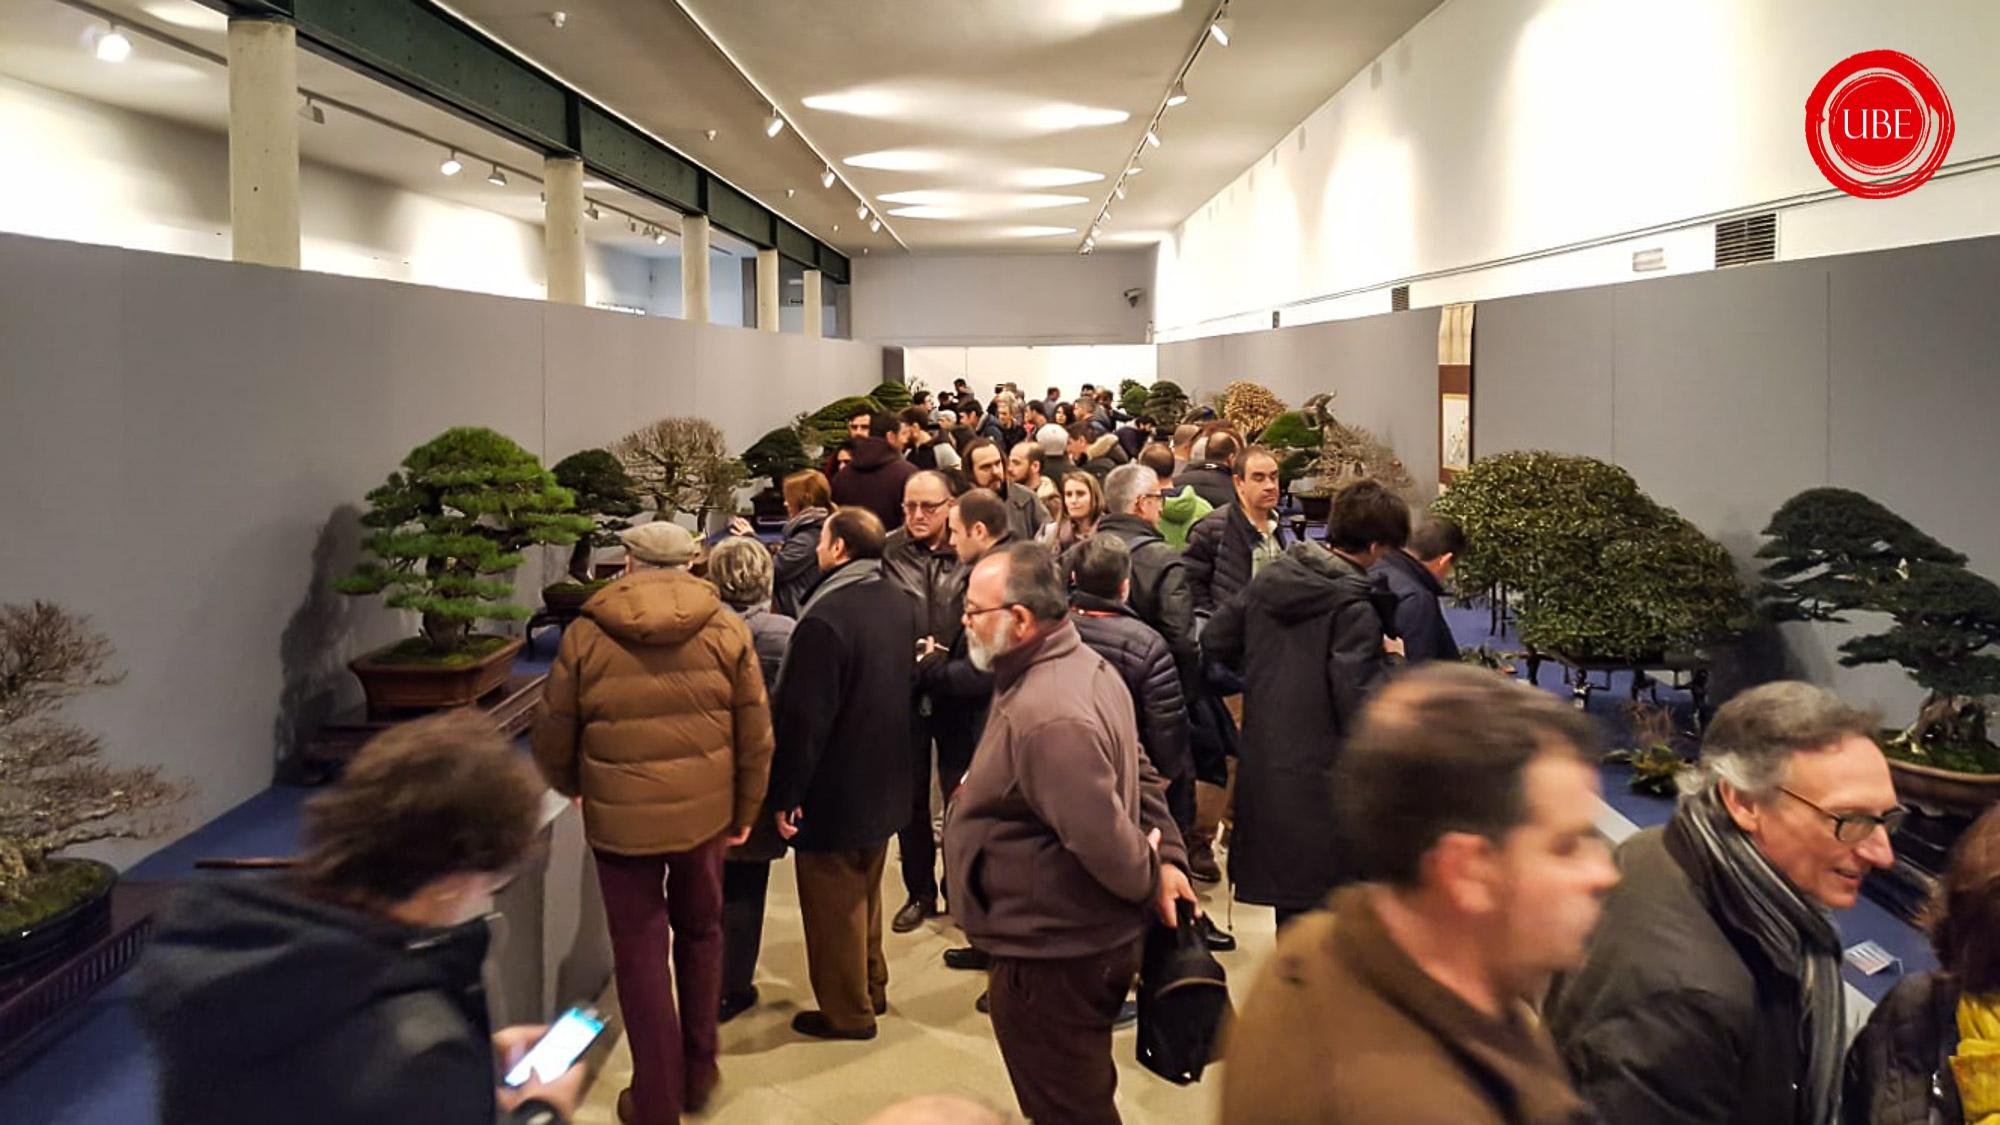 I. Convención UBE - Galeria